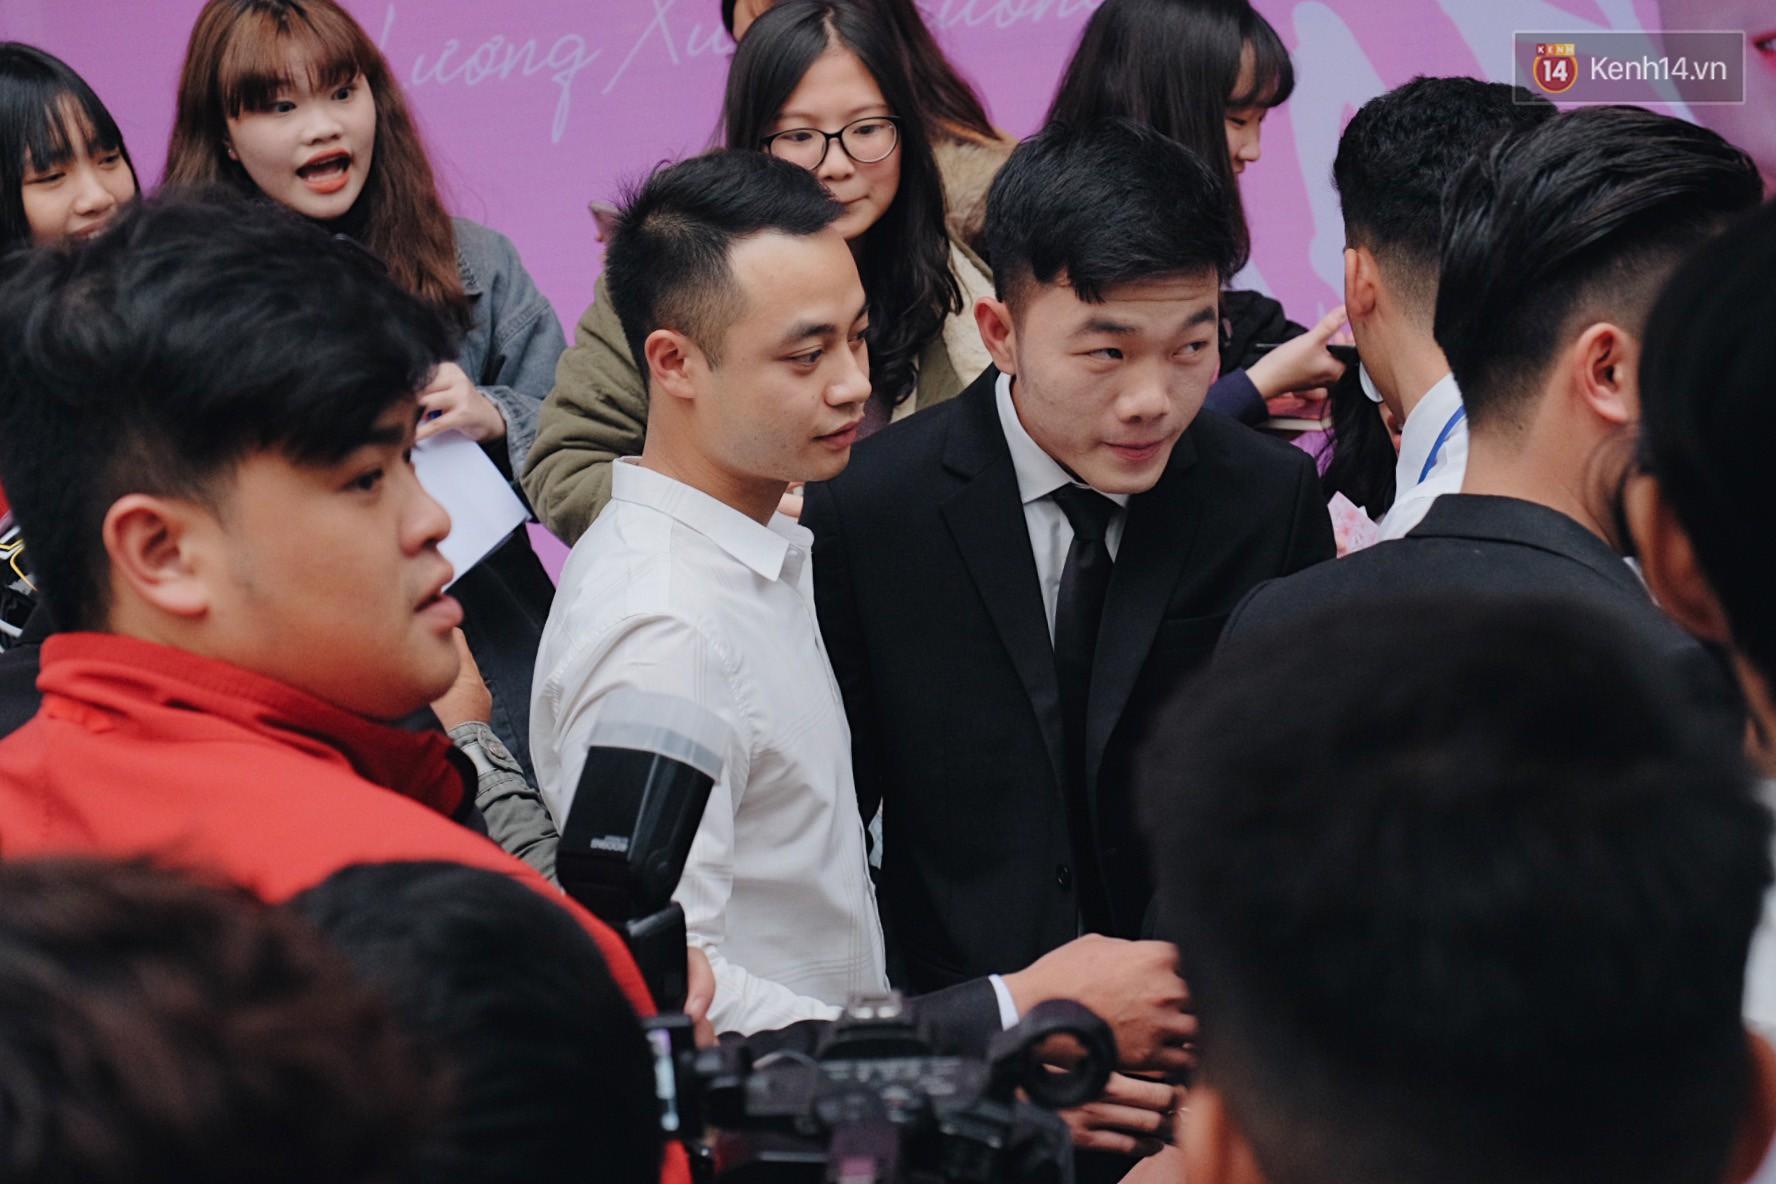 Xuân Trường đẹp trai như idol Hàn, bị fan vây kín khi tham gia sự kiện - Ảnh 8.